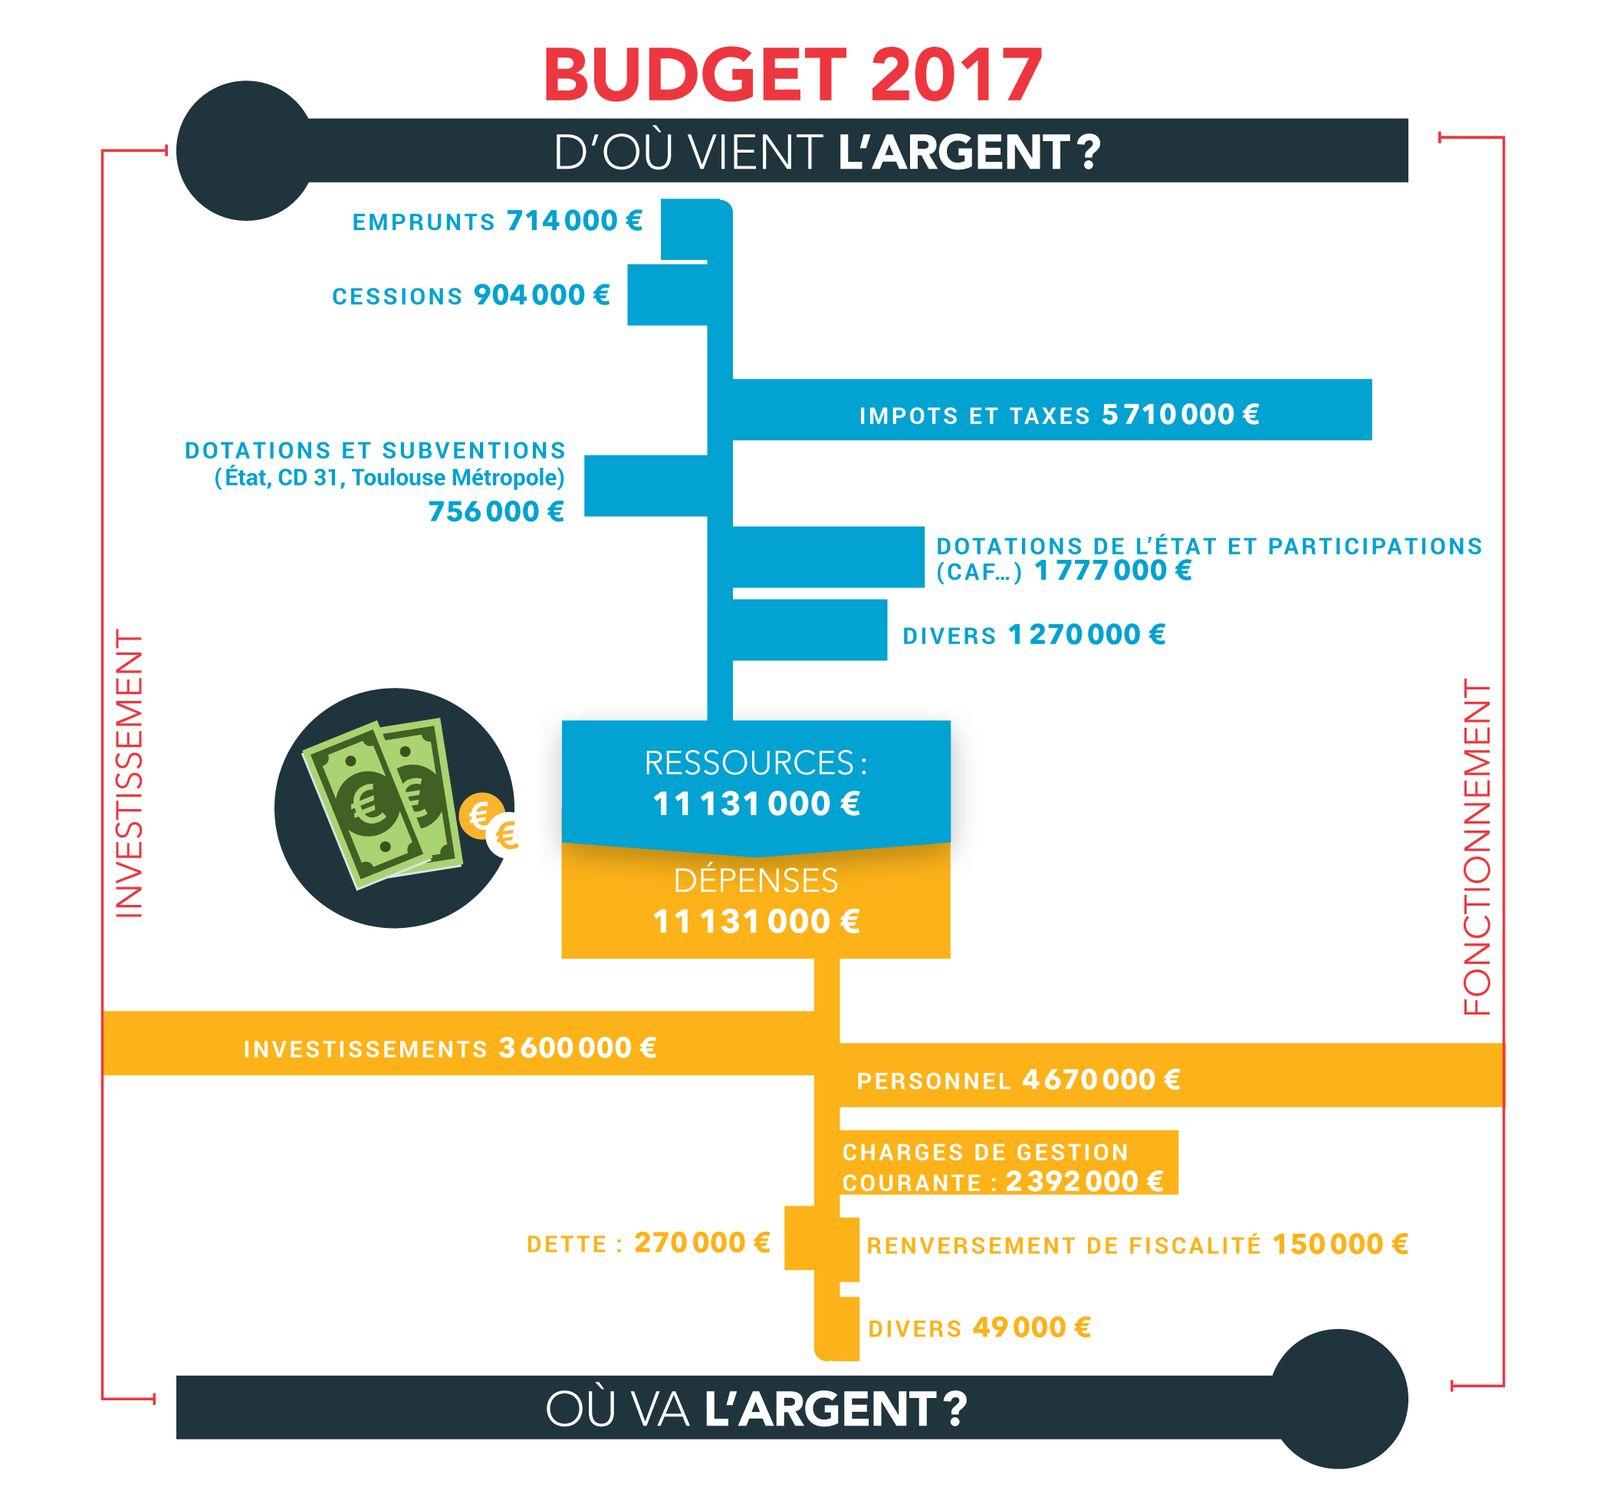 graphique-budget-2017